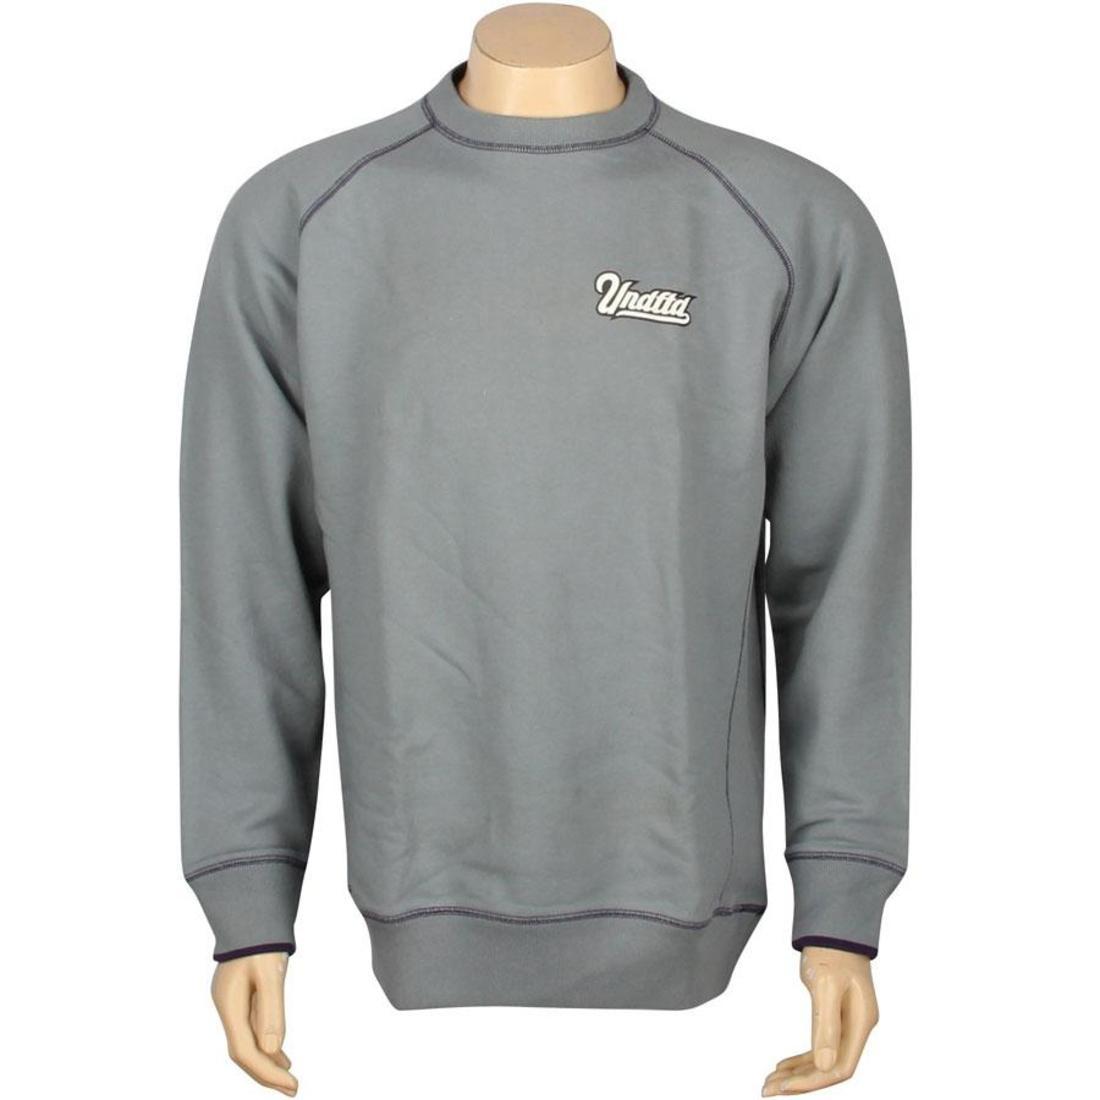 【スーパーセール中! 6/11深夜2時迄】UNDEFEATED スクリプト ラグラン メンズファッション トップス Tシャツ カットソー メンズ 【 Script Raglan Crew (grey) 】 Grey